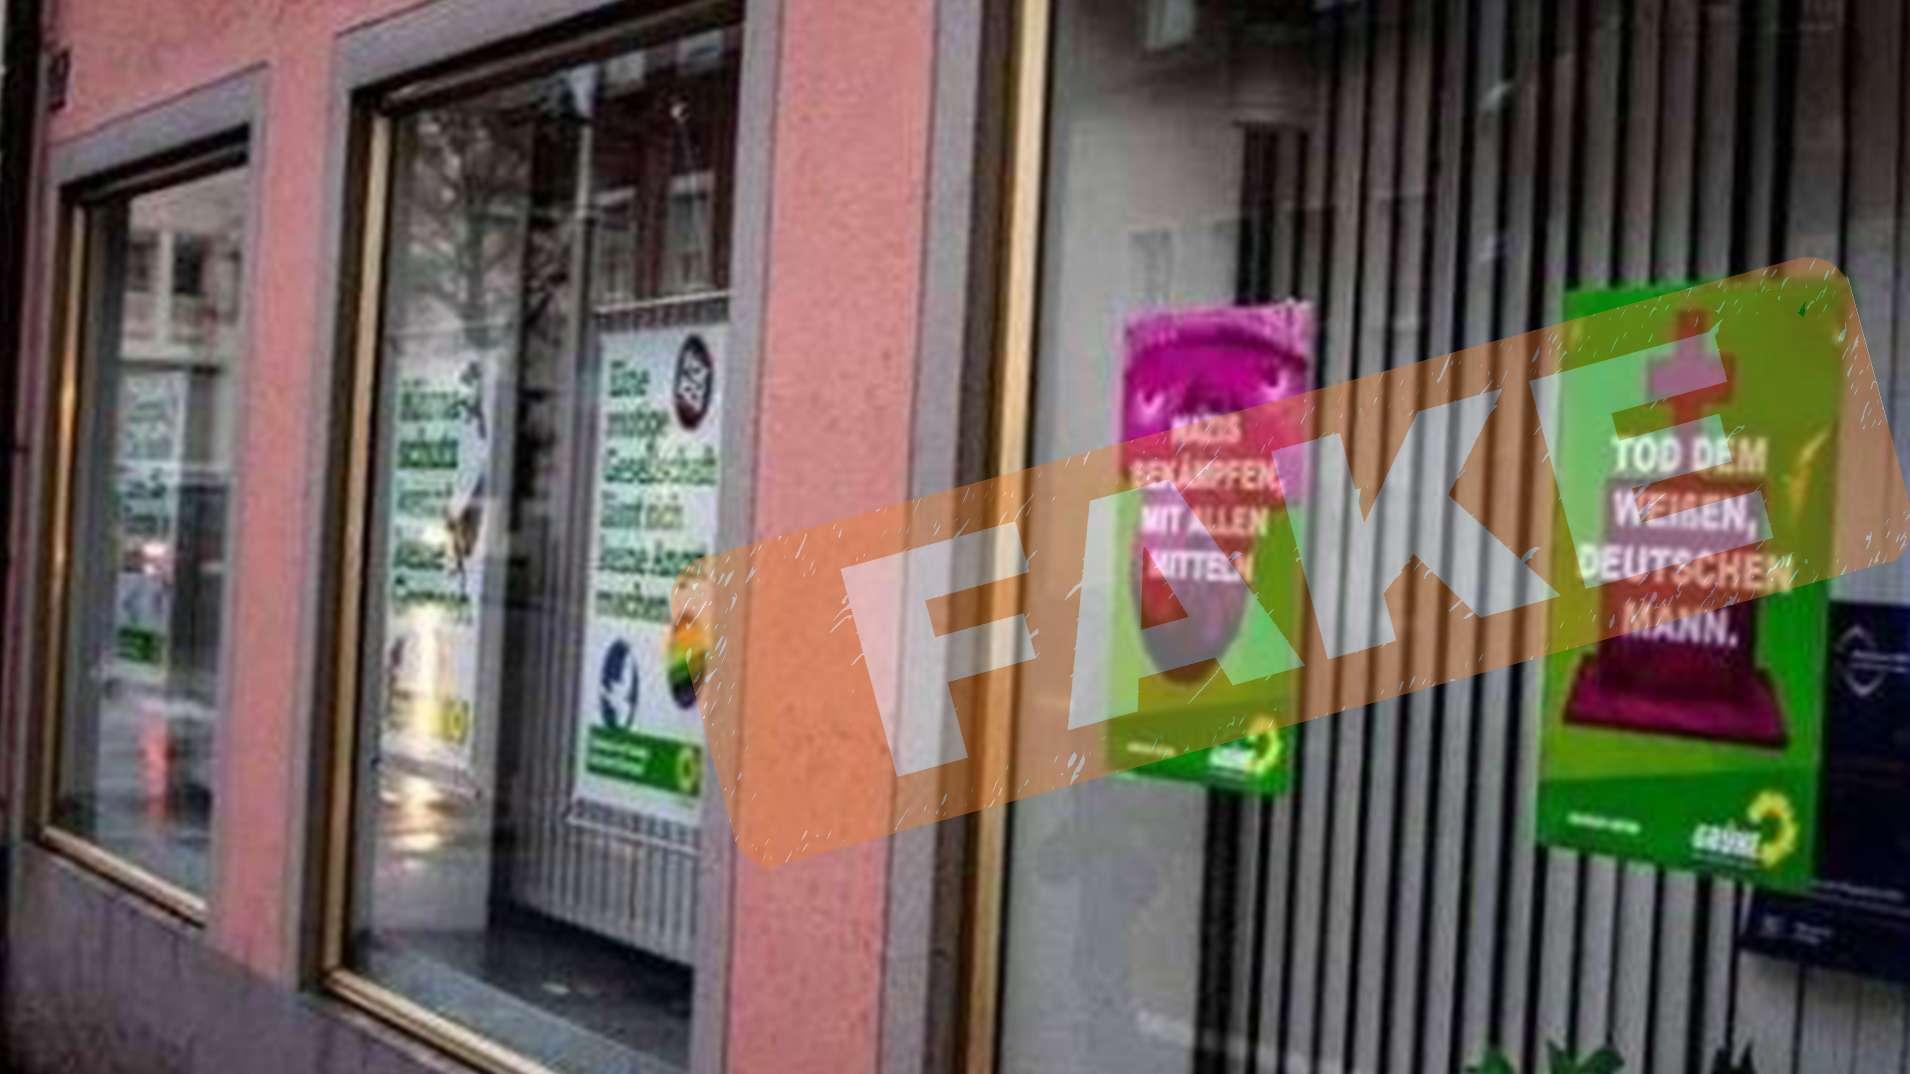 """Grüne Opfer von Fake-Attacke: zwei gefälschte Plakate an Schaufenster von Grünen angebracht. Das """"Fake""""-Zeichen wurde gegen eine missbräuchliche Weiterverbreitung eingesetzt."""